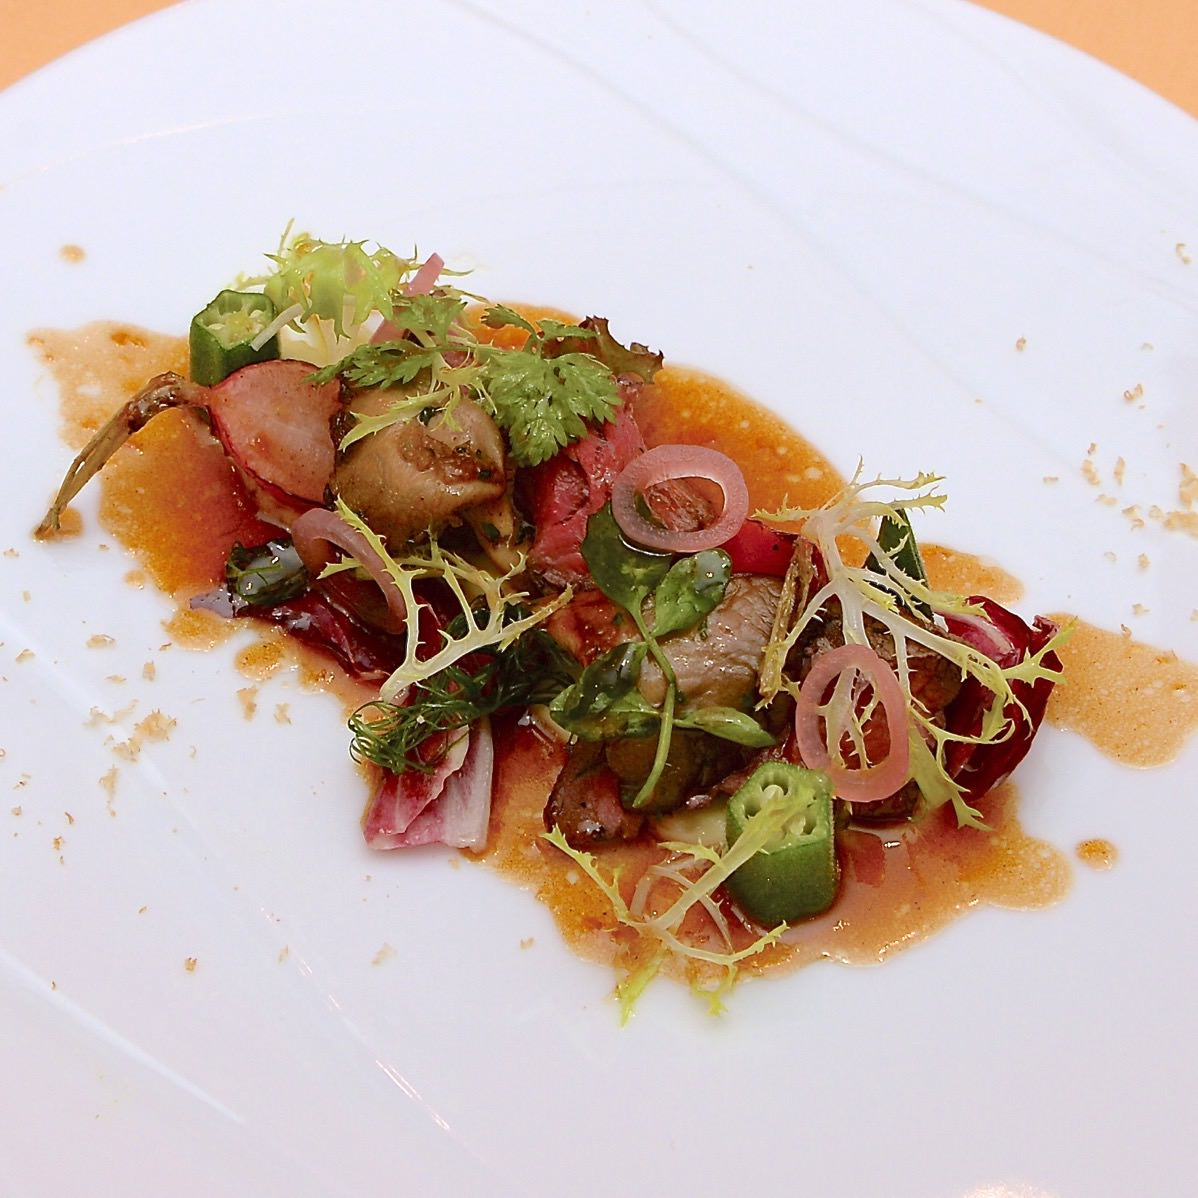 ビーフテンダーロインのグリル エシャロットソース ヘーゼルナッツ風味のマッシュポテト